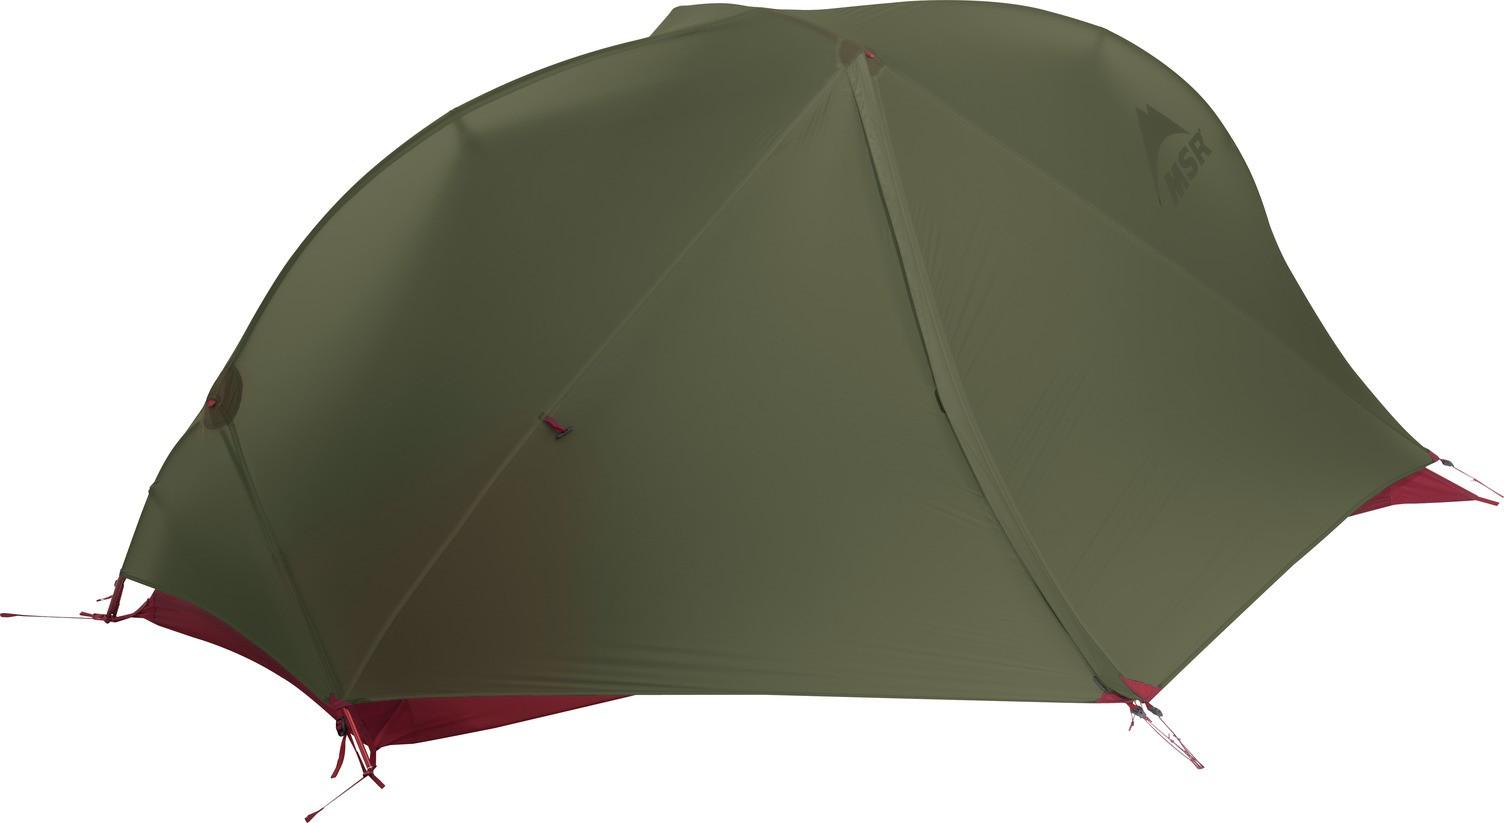 Tente Msr Freelite 1